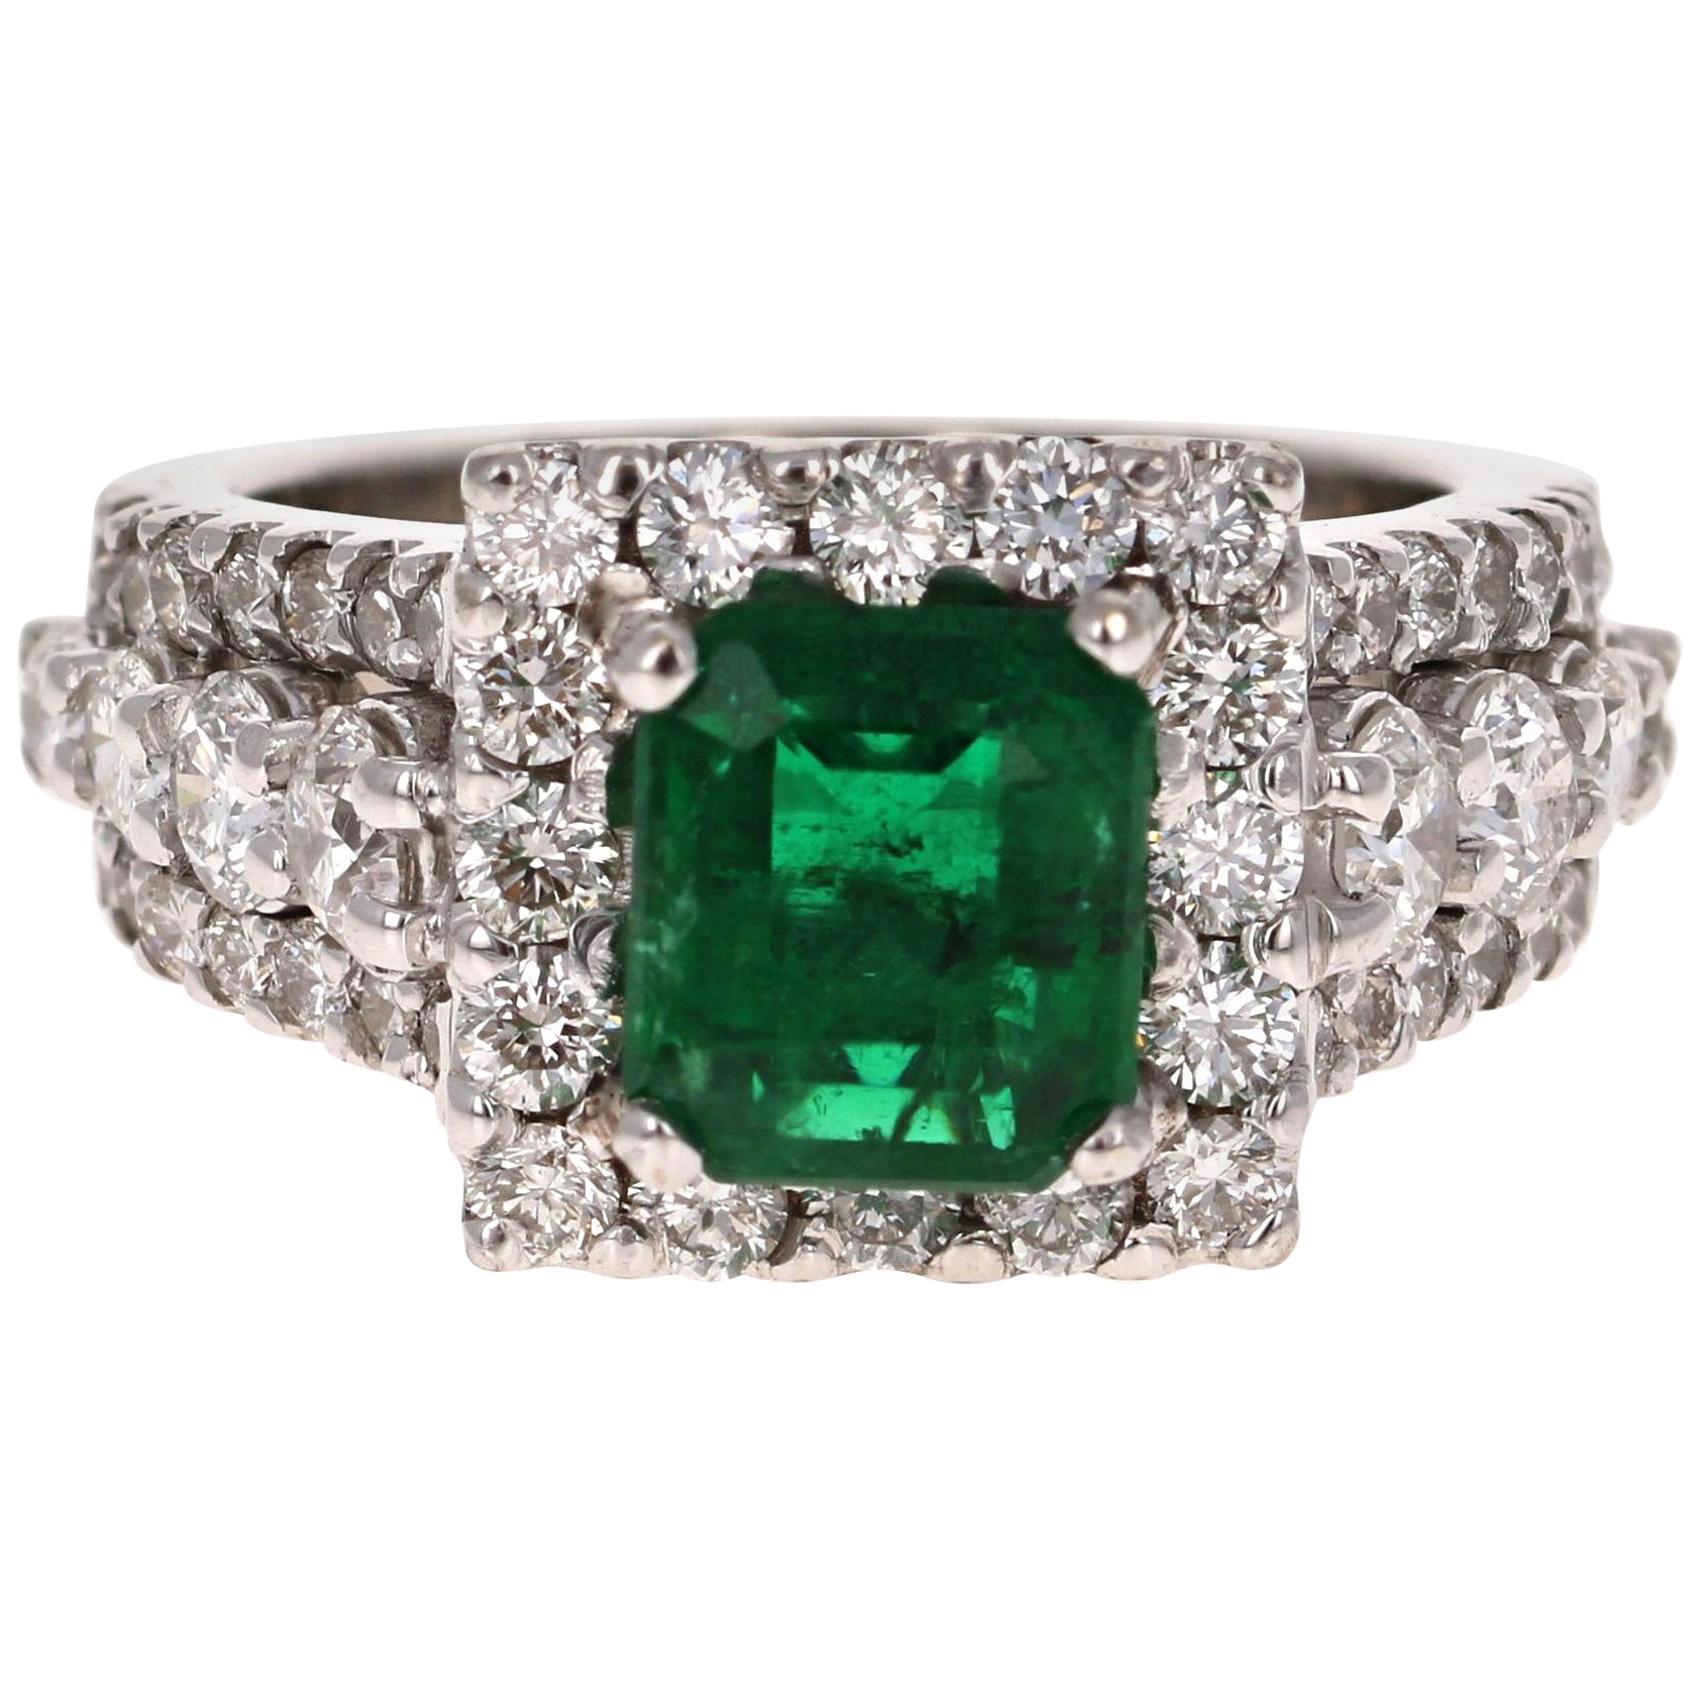 GIA Certified 3.96 Carat Emerald Diamond 18 Karat White Gold Ring